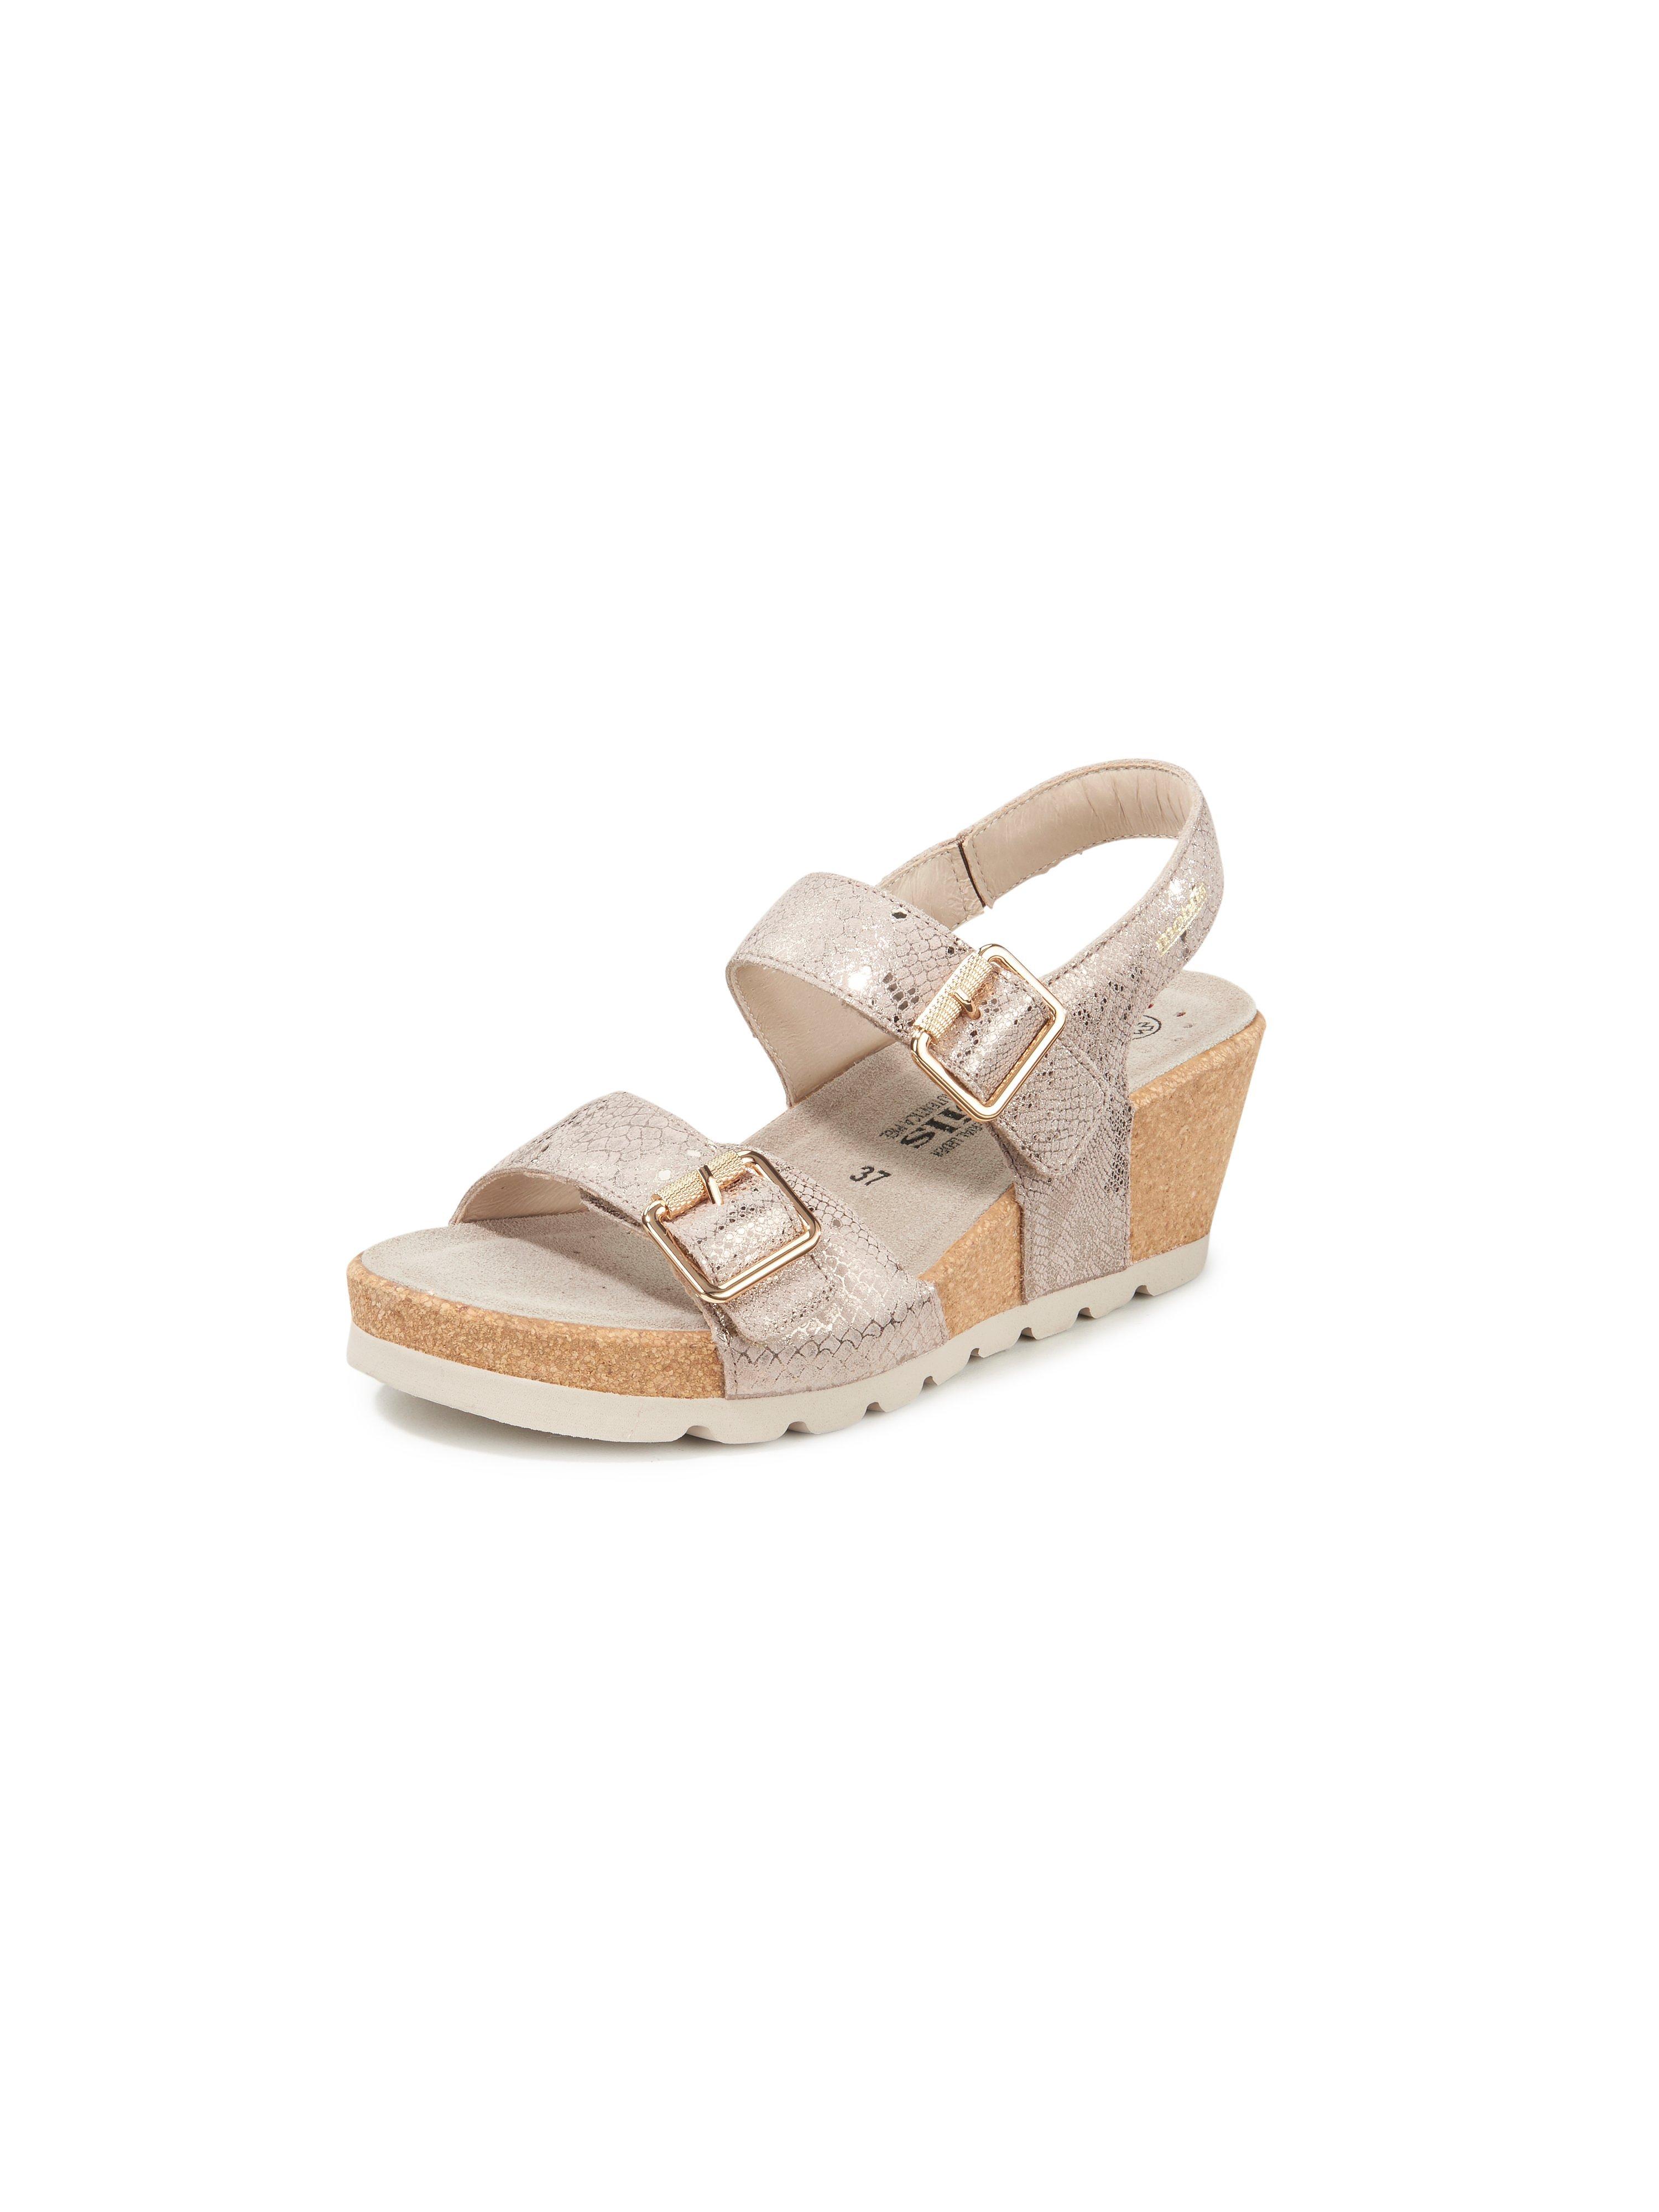 Platform wedge sandals Alyce Mobils gold